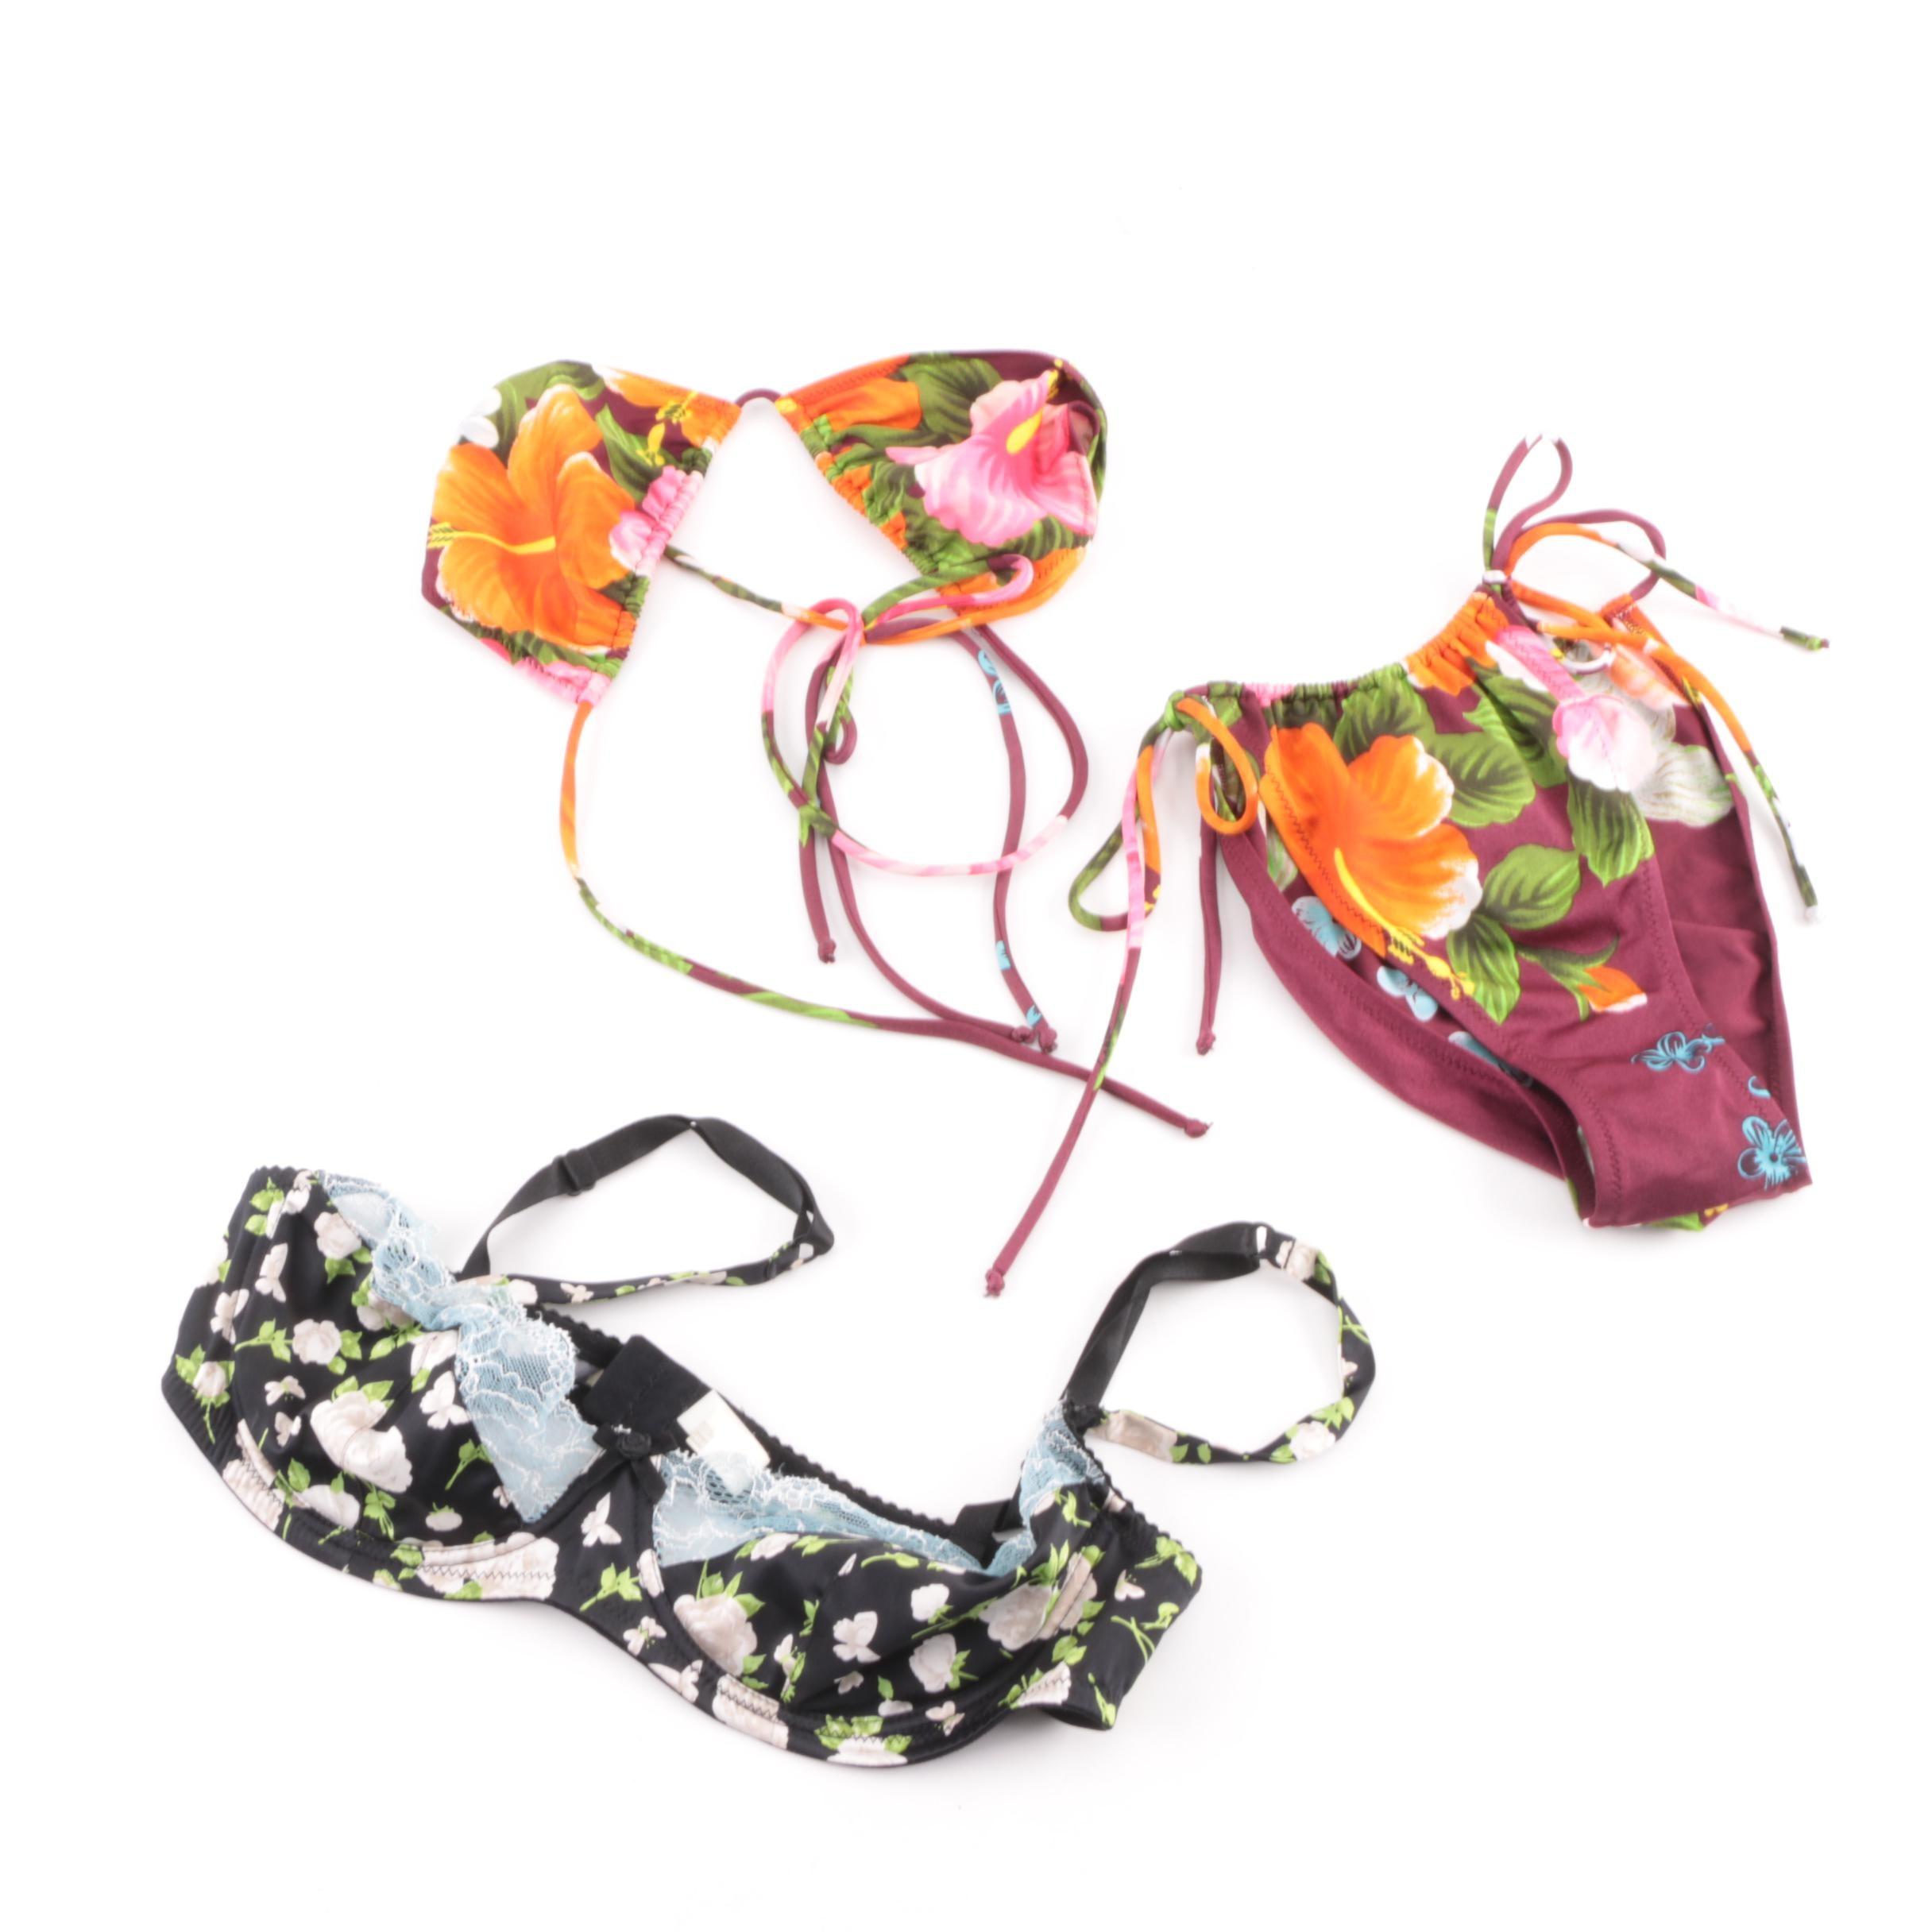 Dolce & Gabbana Floral String Bikini and Bra